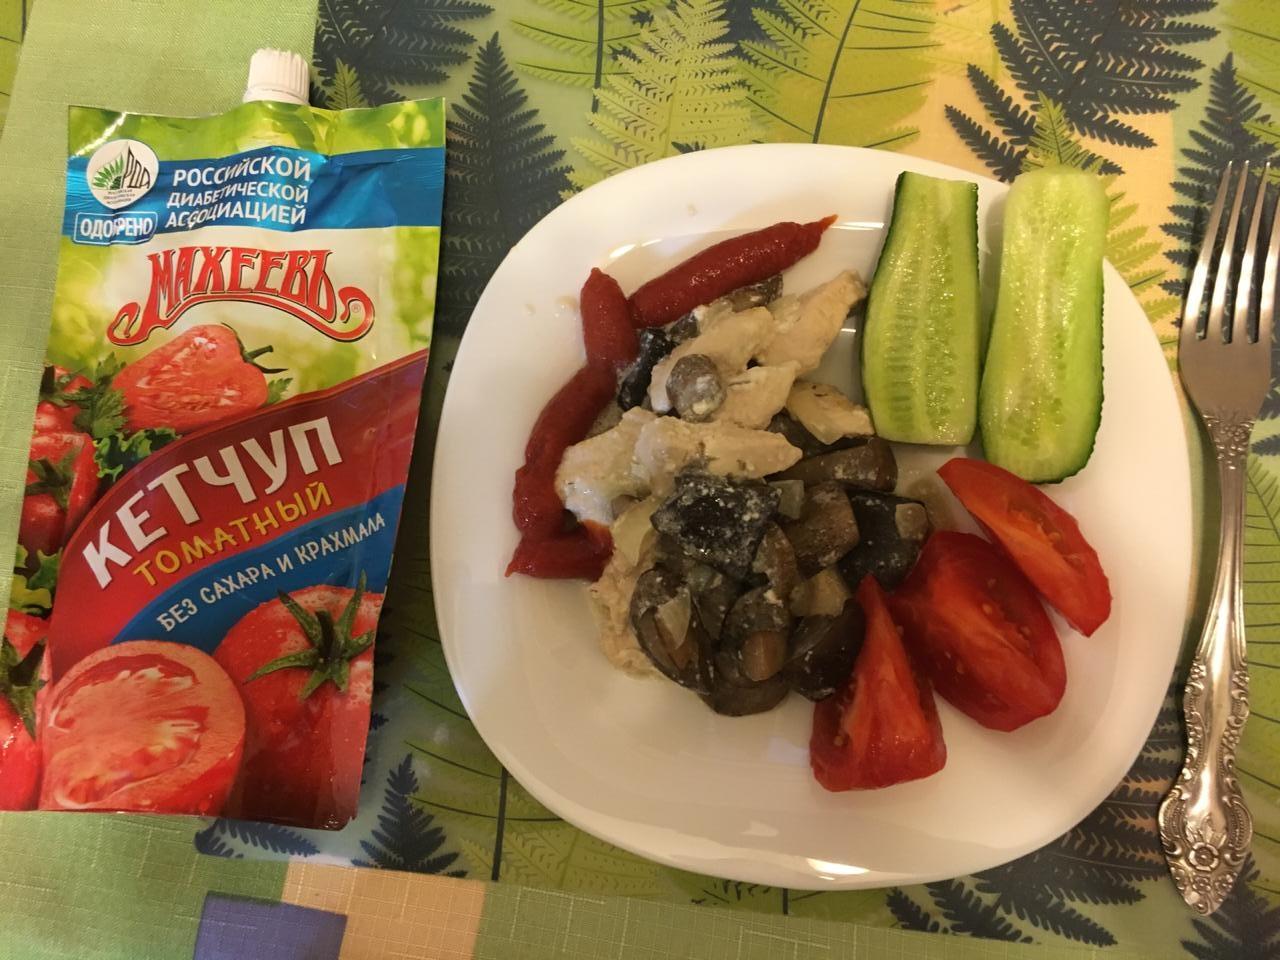 Куриная грудка с лесными грибами и кетчупом Махеевъ